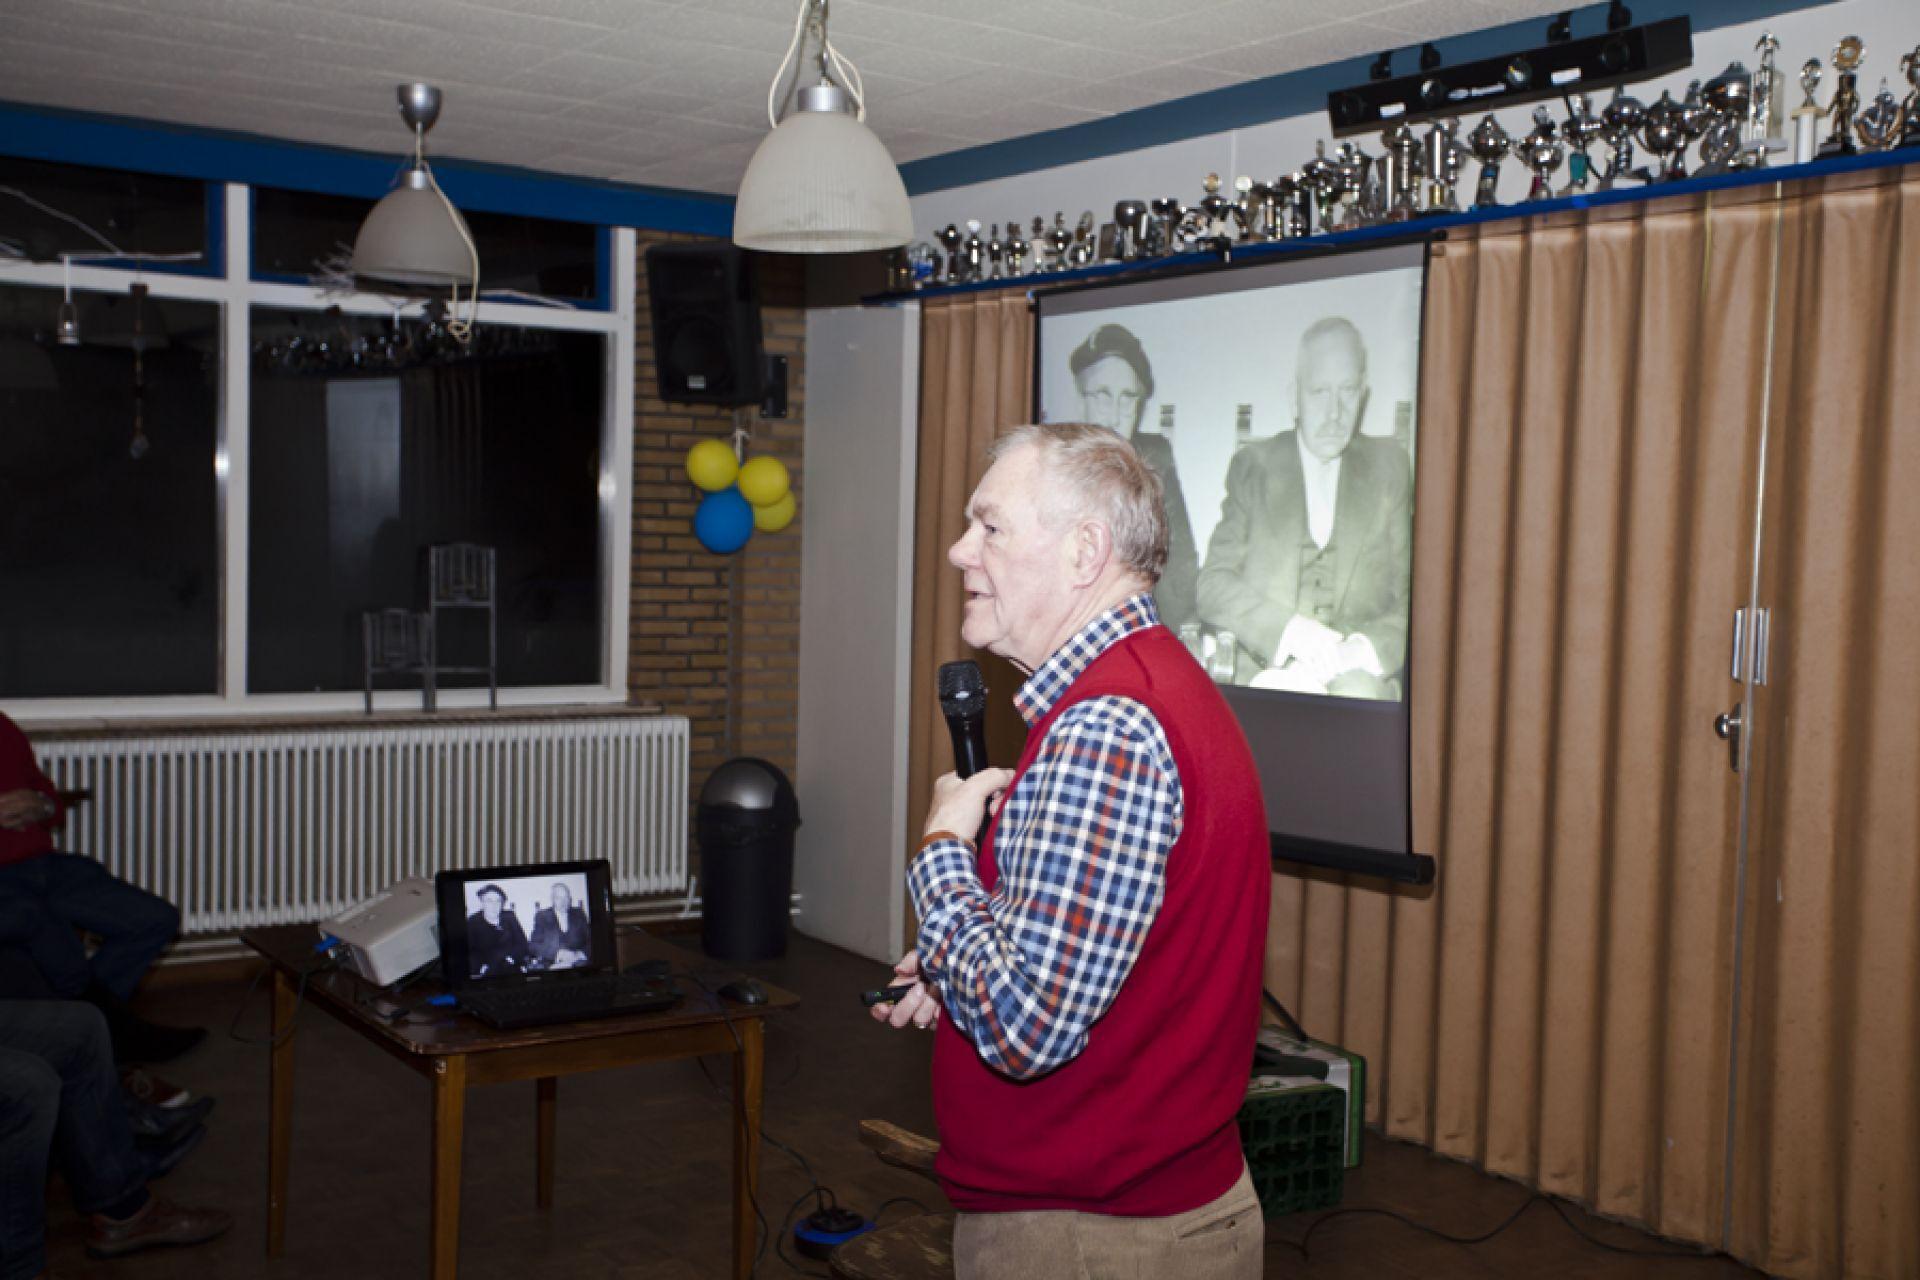 Fotopresentatie 'Vogelbuurt vroeger en nu' in Stadscentrum Parochiehuis